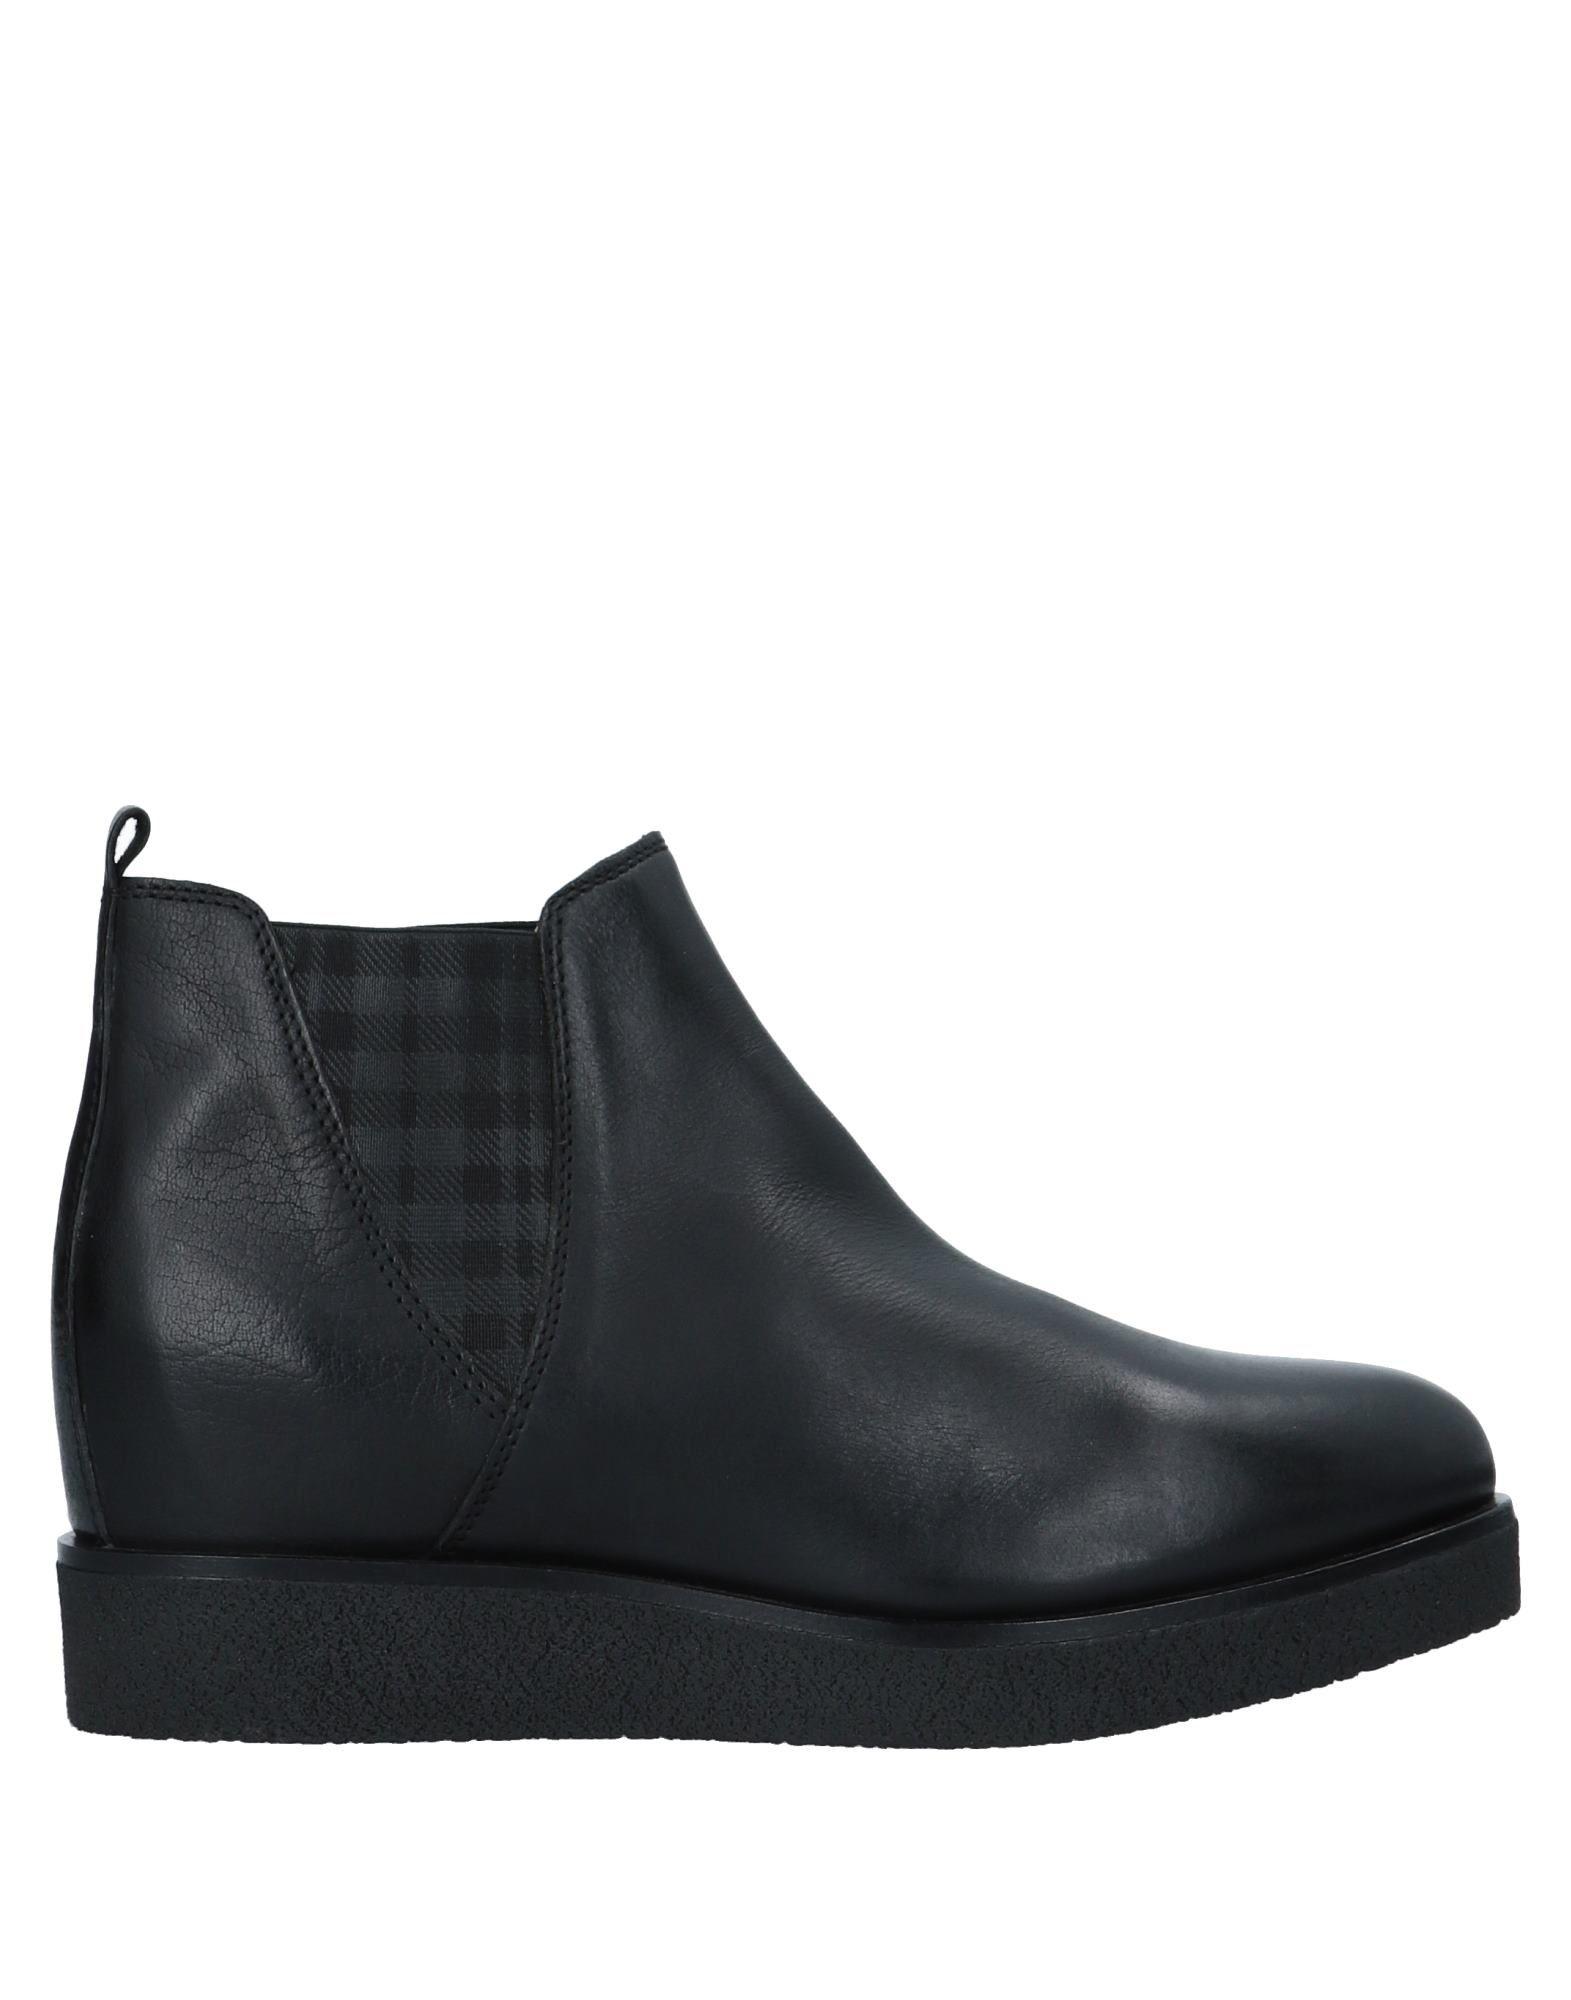 Unisa Stiefelette Damen  11519585VG Gute Qualität beliebte Schuhe